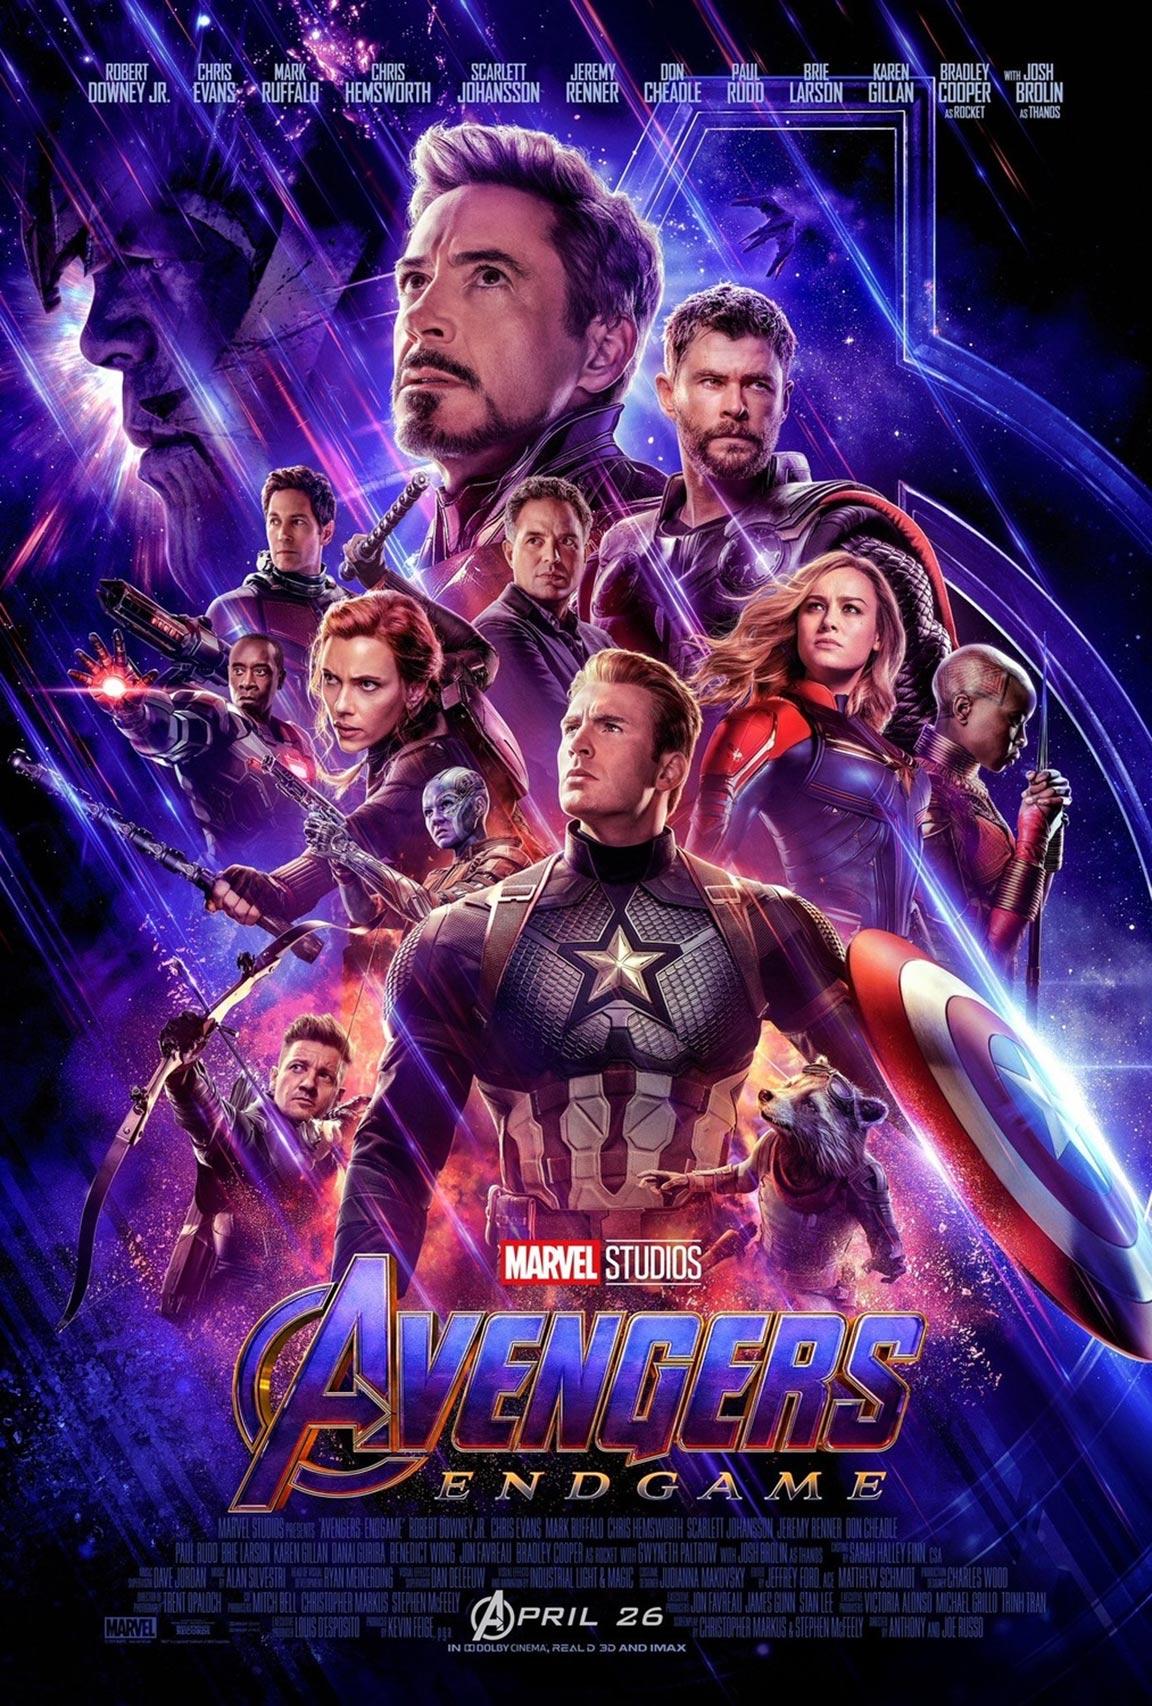 Avengers: Endgame Poster #2